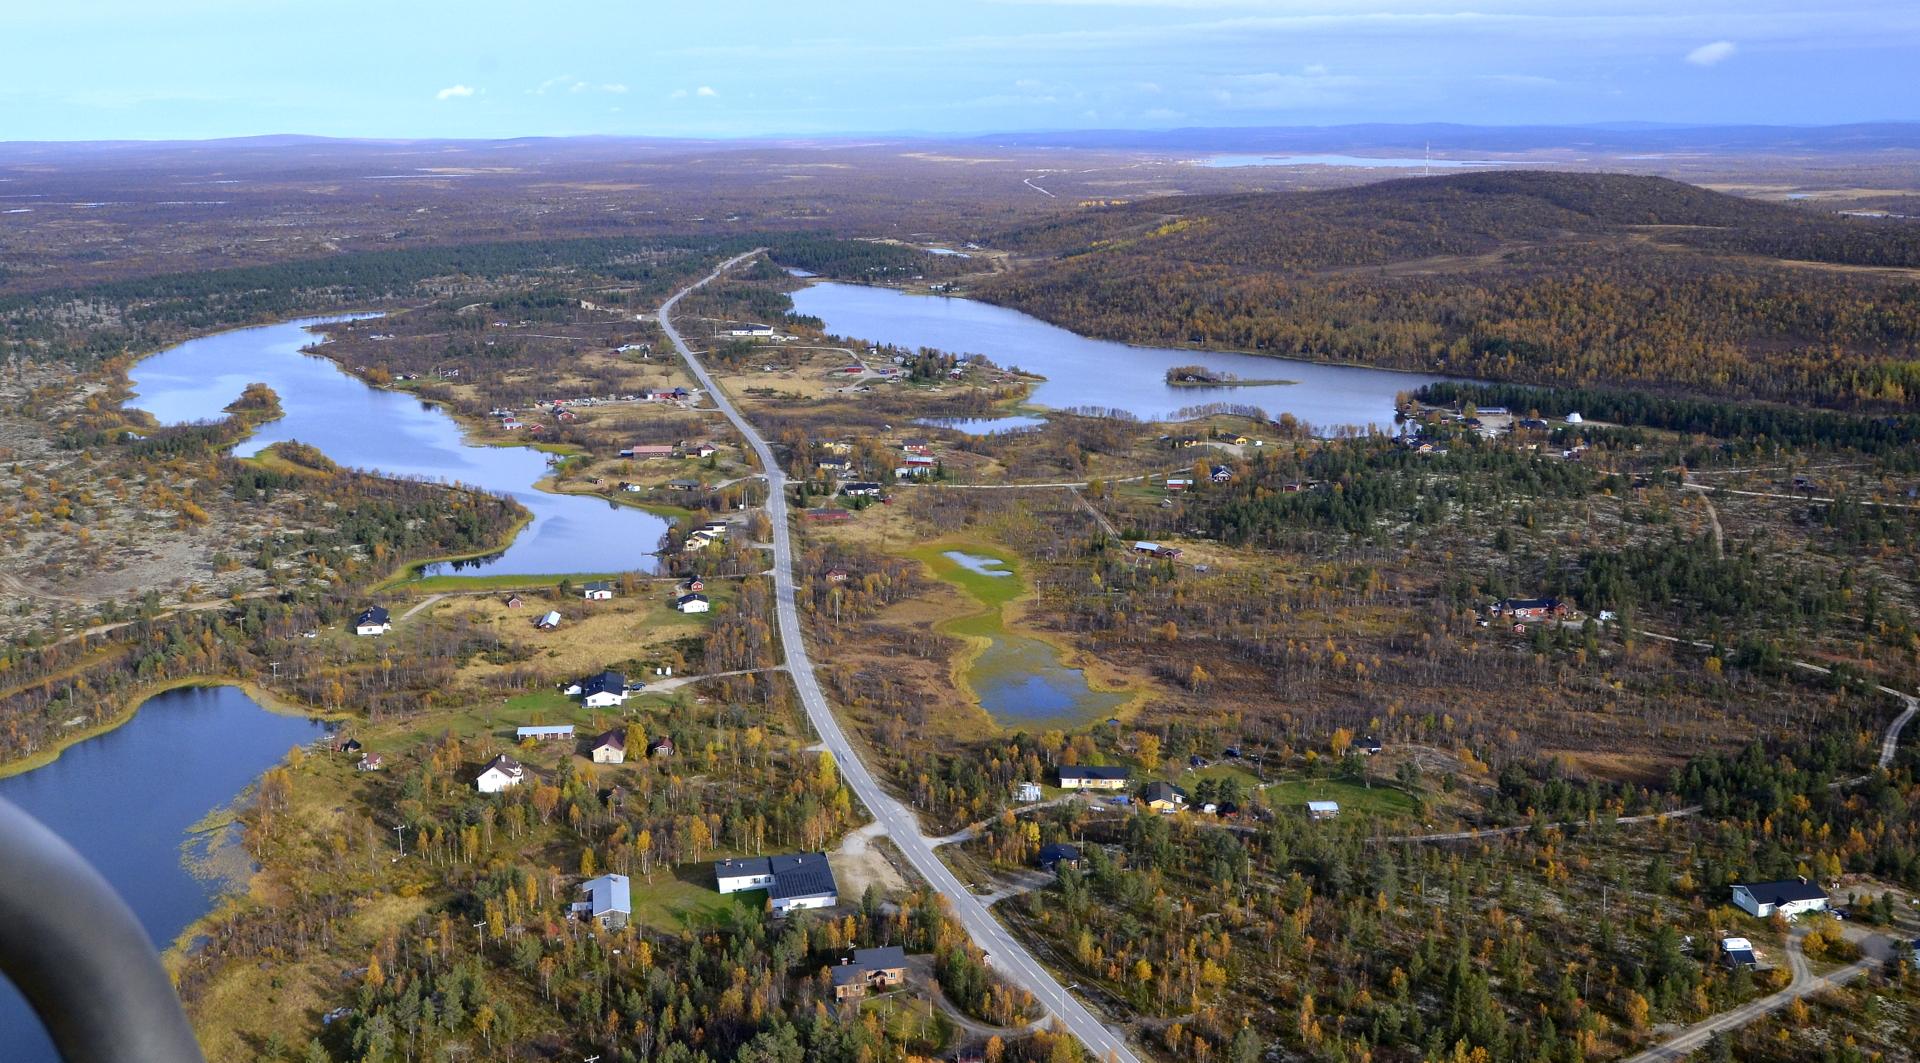 Leppäjärvi pohjoisen suuntaan kuvattuna. Kylän halkoo Hetta-Kautokeino tie.